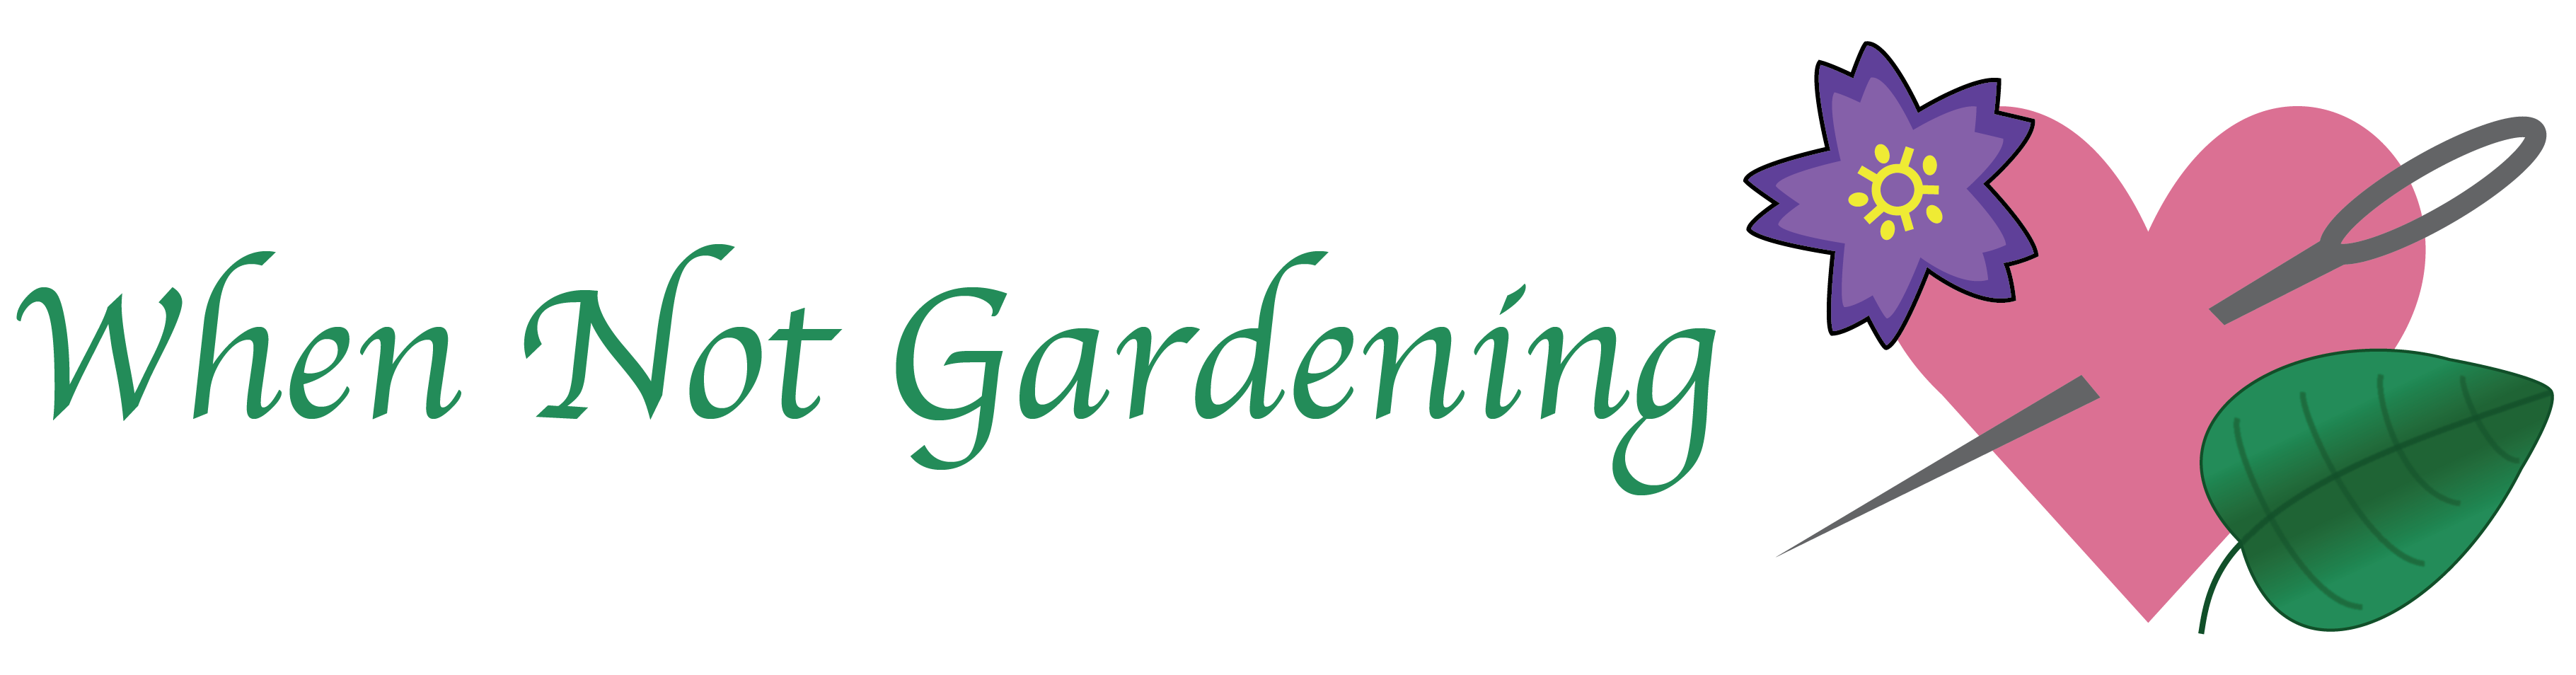 When Not Gardening